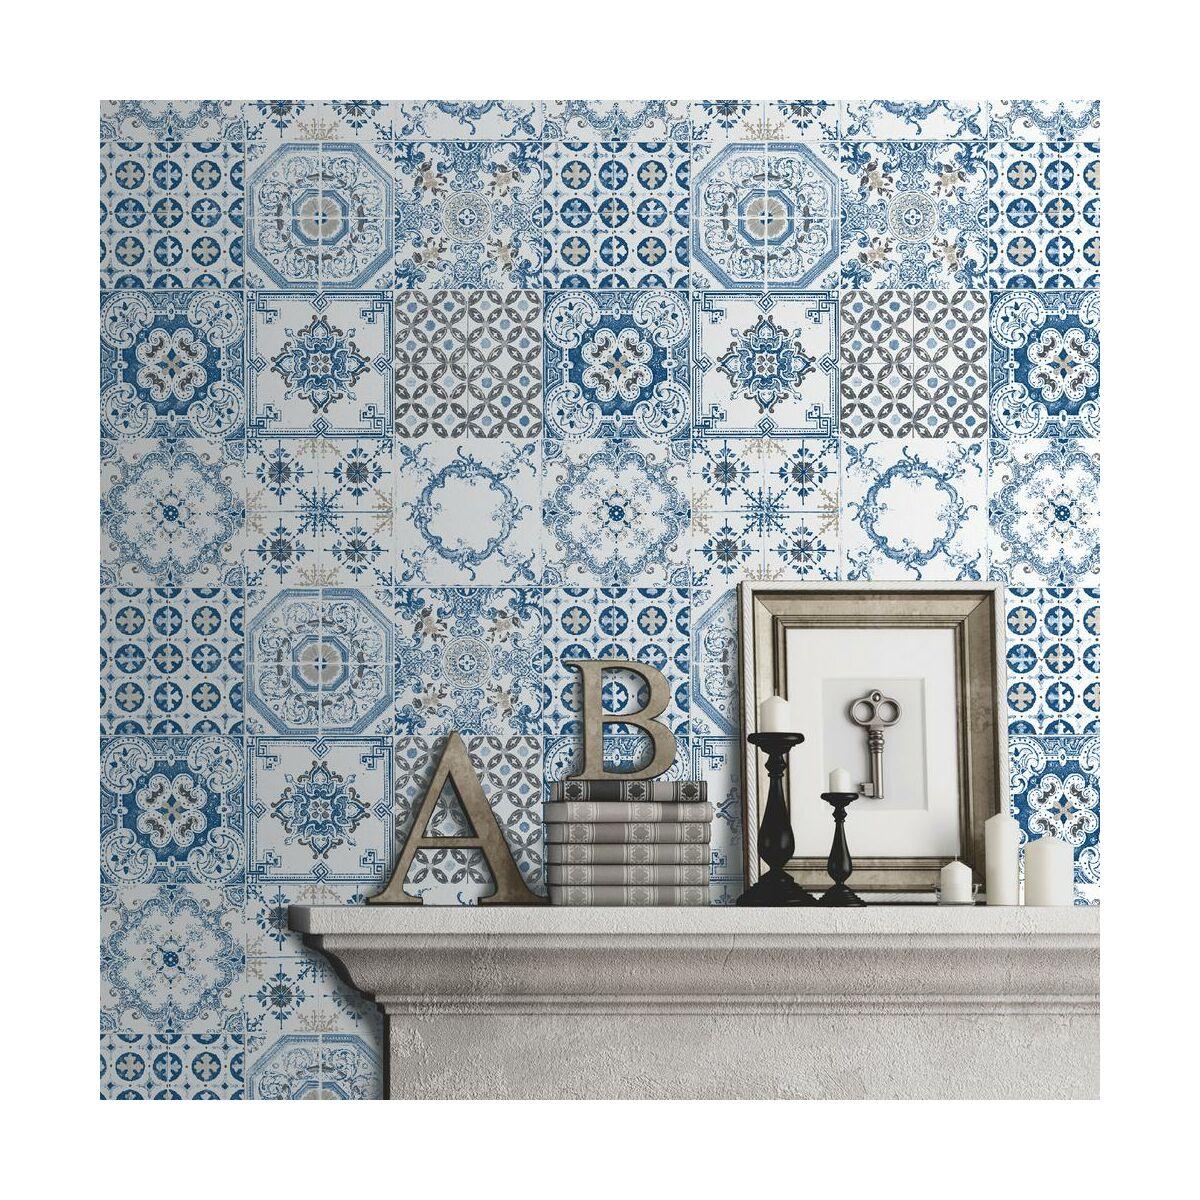 Tapeta spanish tiles tapety dekoracyjne w atrakcyjnej cenie w sklepach le - Smart tiles chez leroy merlin ...